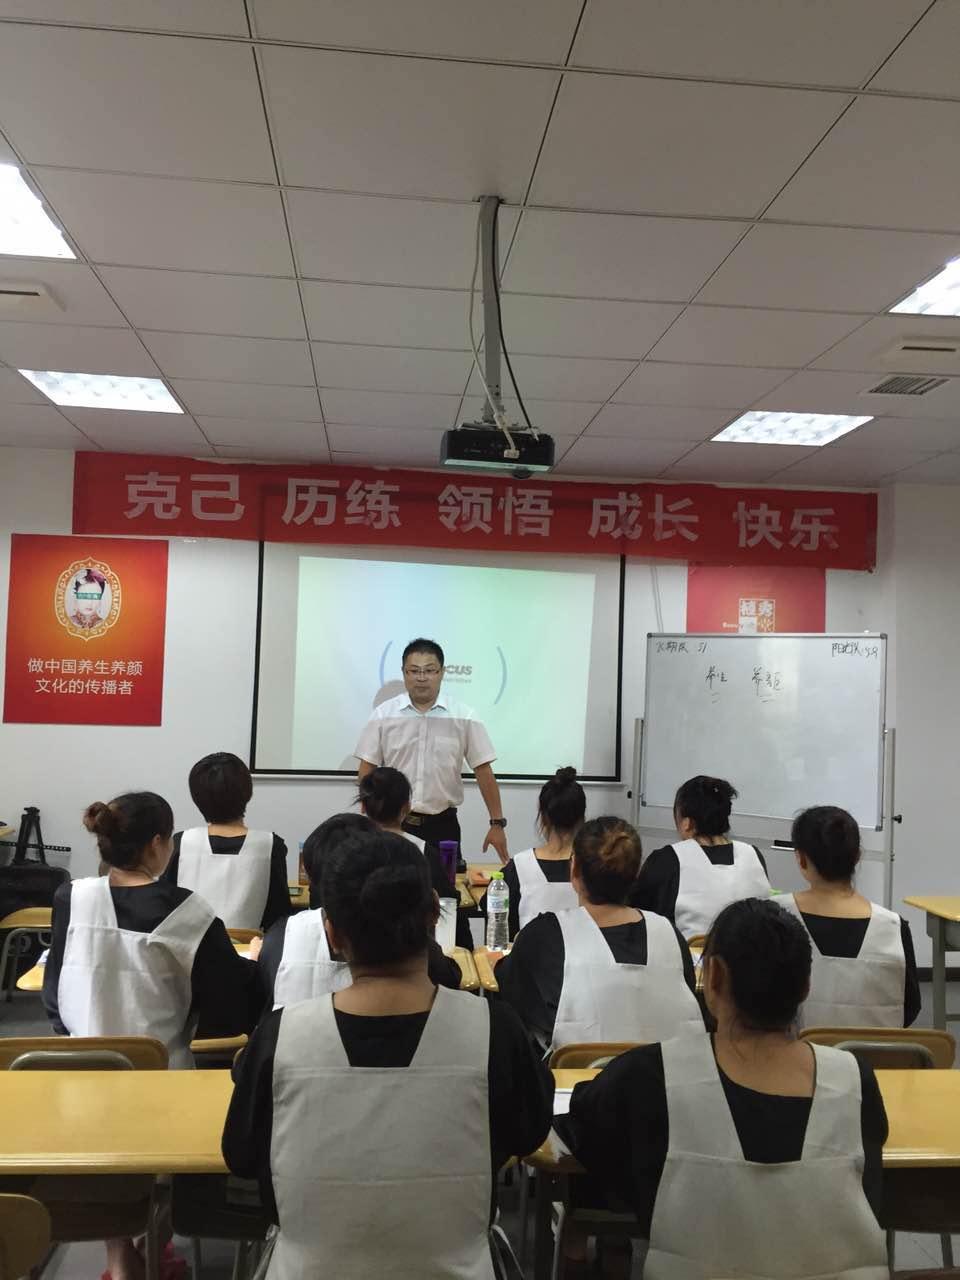 上课环境4